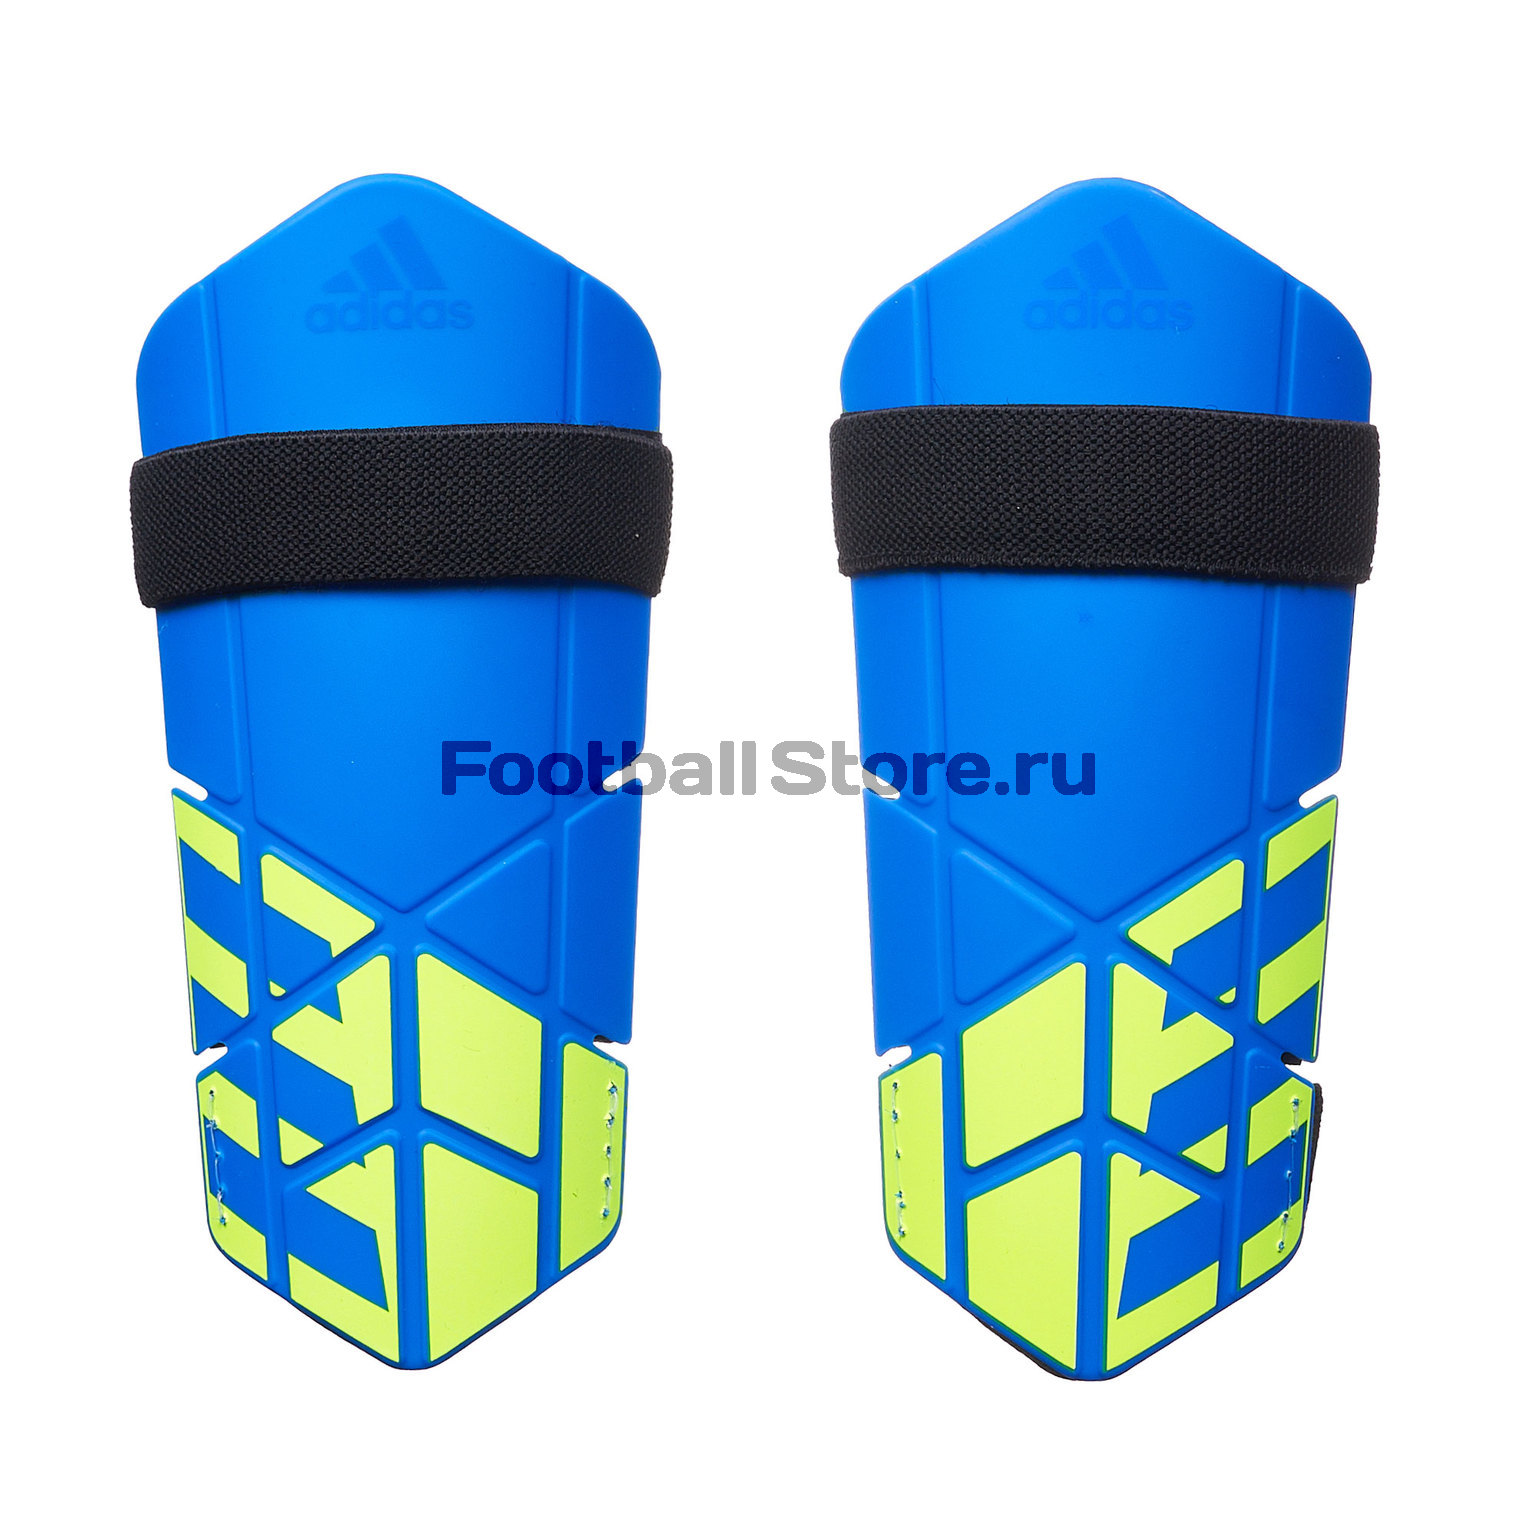 Щитки футбольные Adidas X Lite CW9718 щитки футбольные adidas x lesto dy2578 серебристый размер m